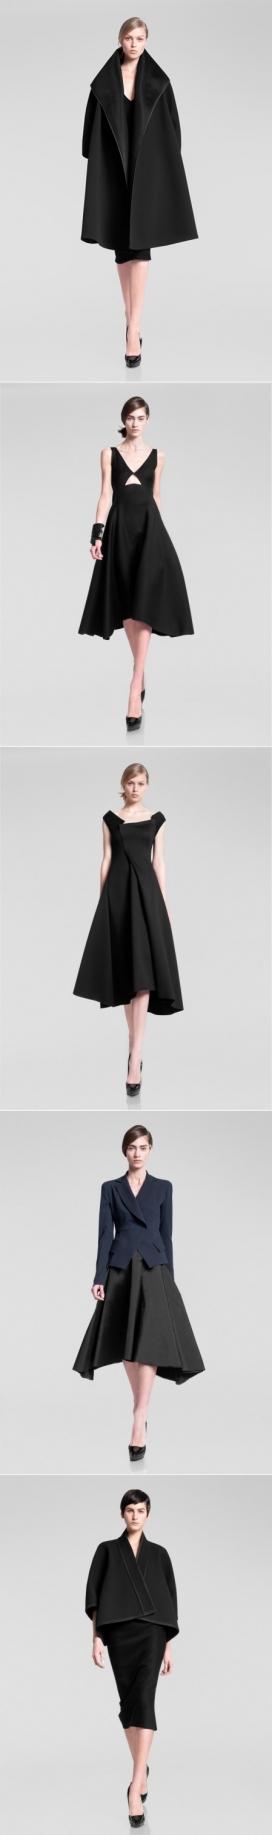 时尚茧状外衣件女装秀-纯粹的裙子和裁剪丝绸上衣